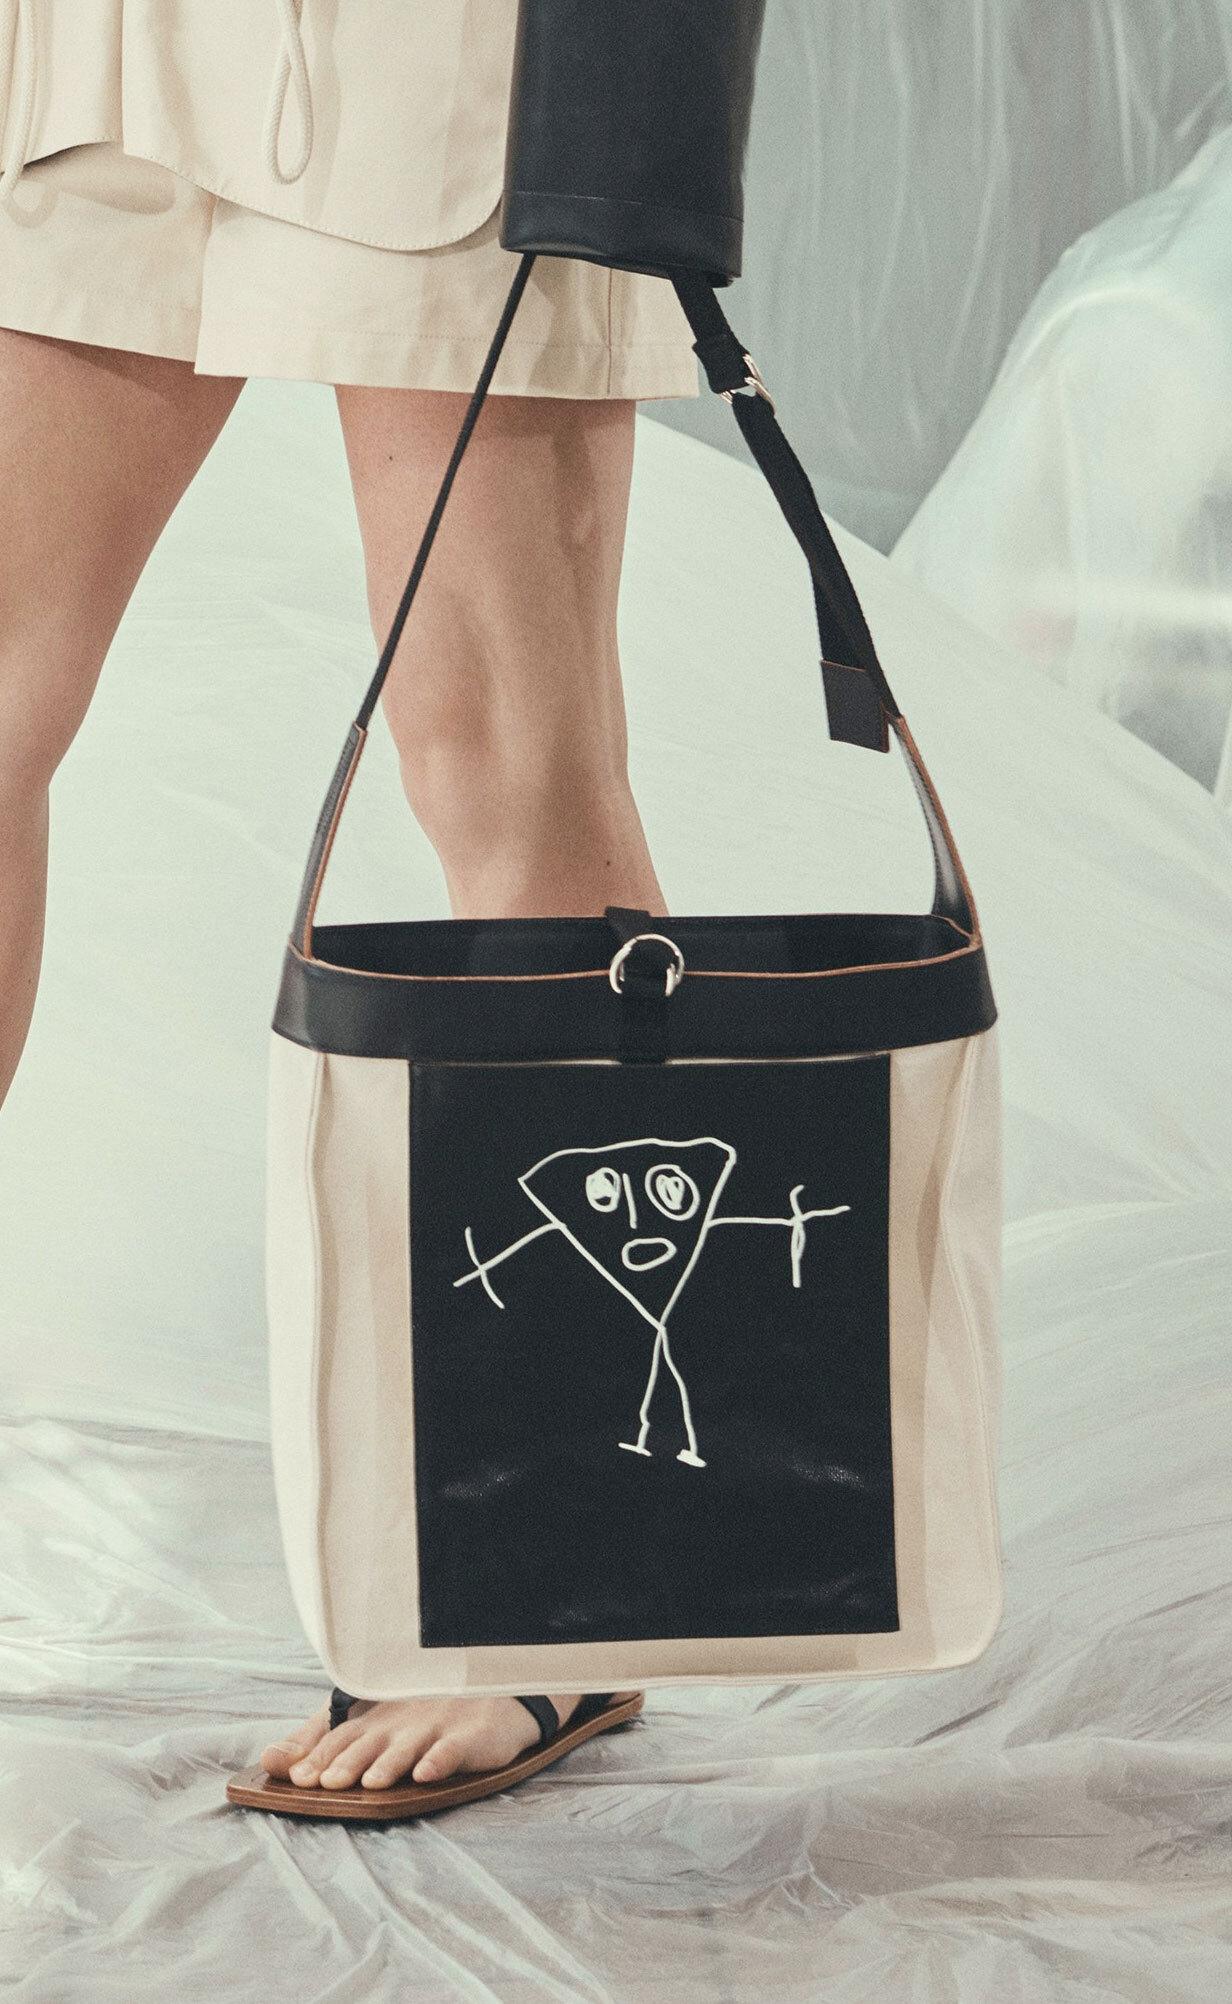 Gosto dessa bolsa porque o desenho parece o… Crackinho - É da Plan C, a marca da Carolina Castiglioni (filha da fundadora da Marni)